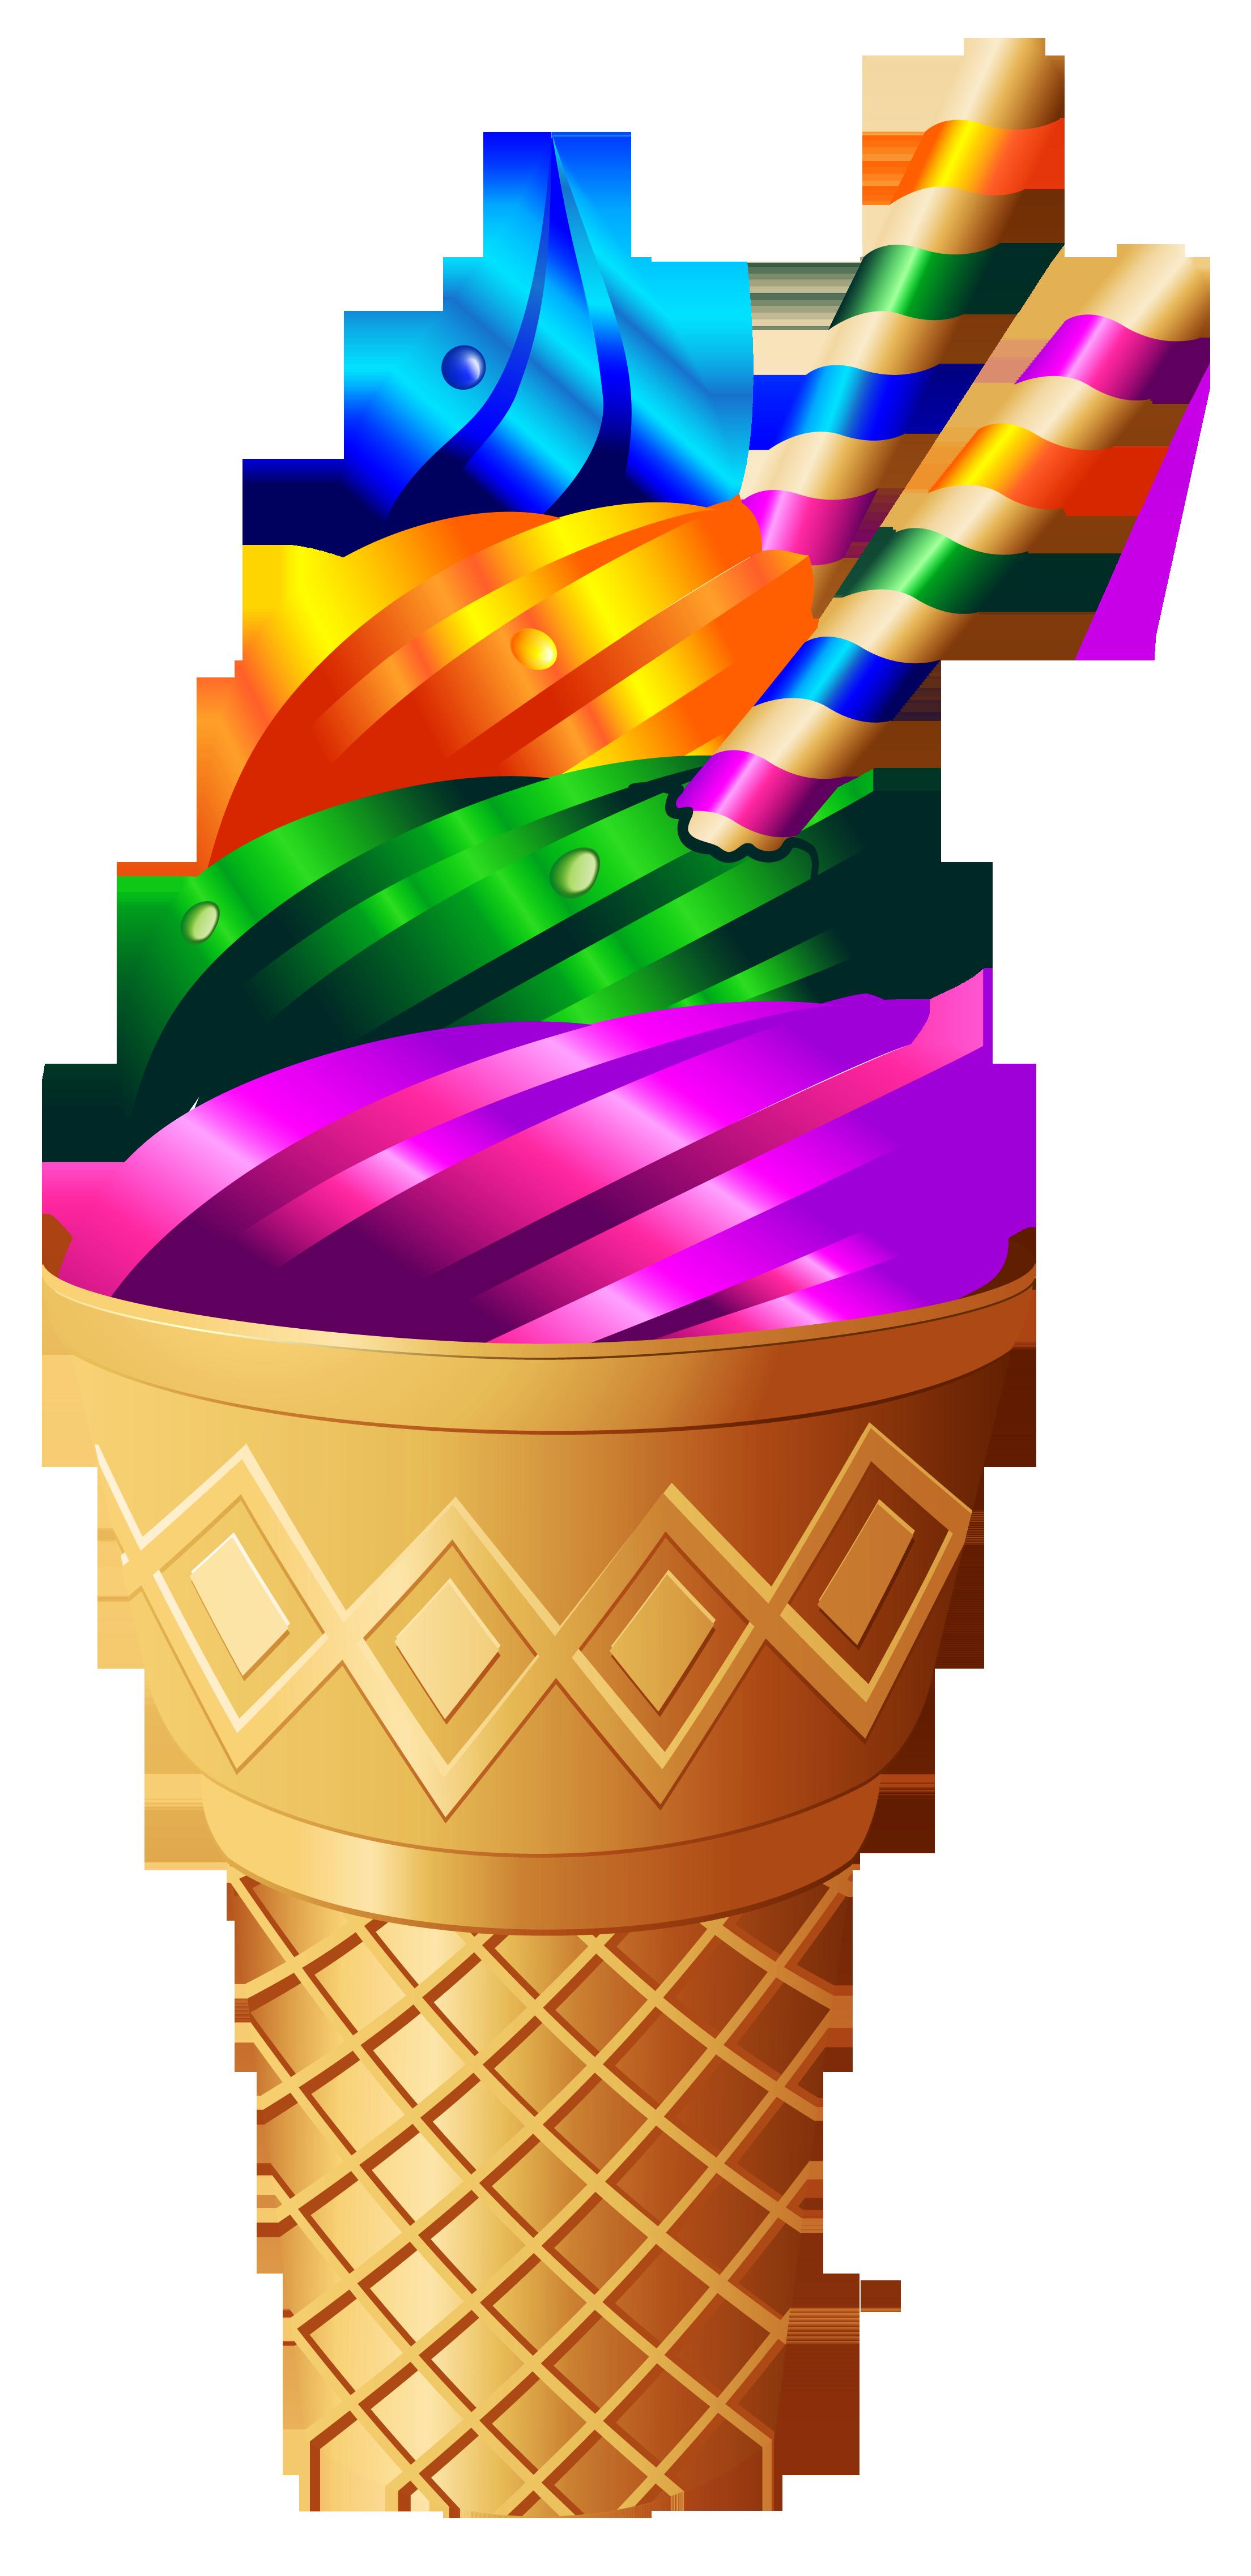 Cliparts zu essen und trinken clipart freeuse library Transparent Rainbow Ice Cream PNG Image | Scrap booking | Pinterest ... clipart freeuse library